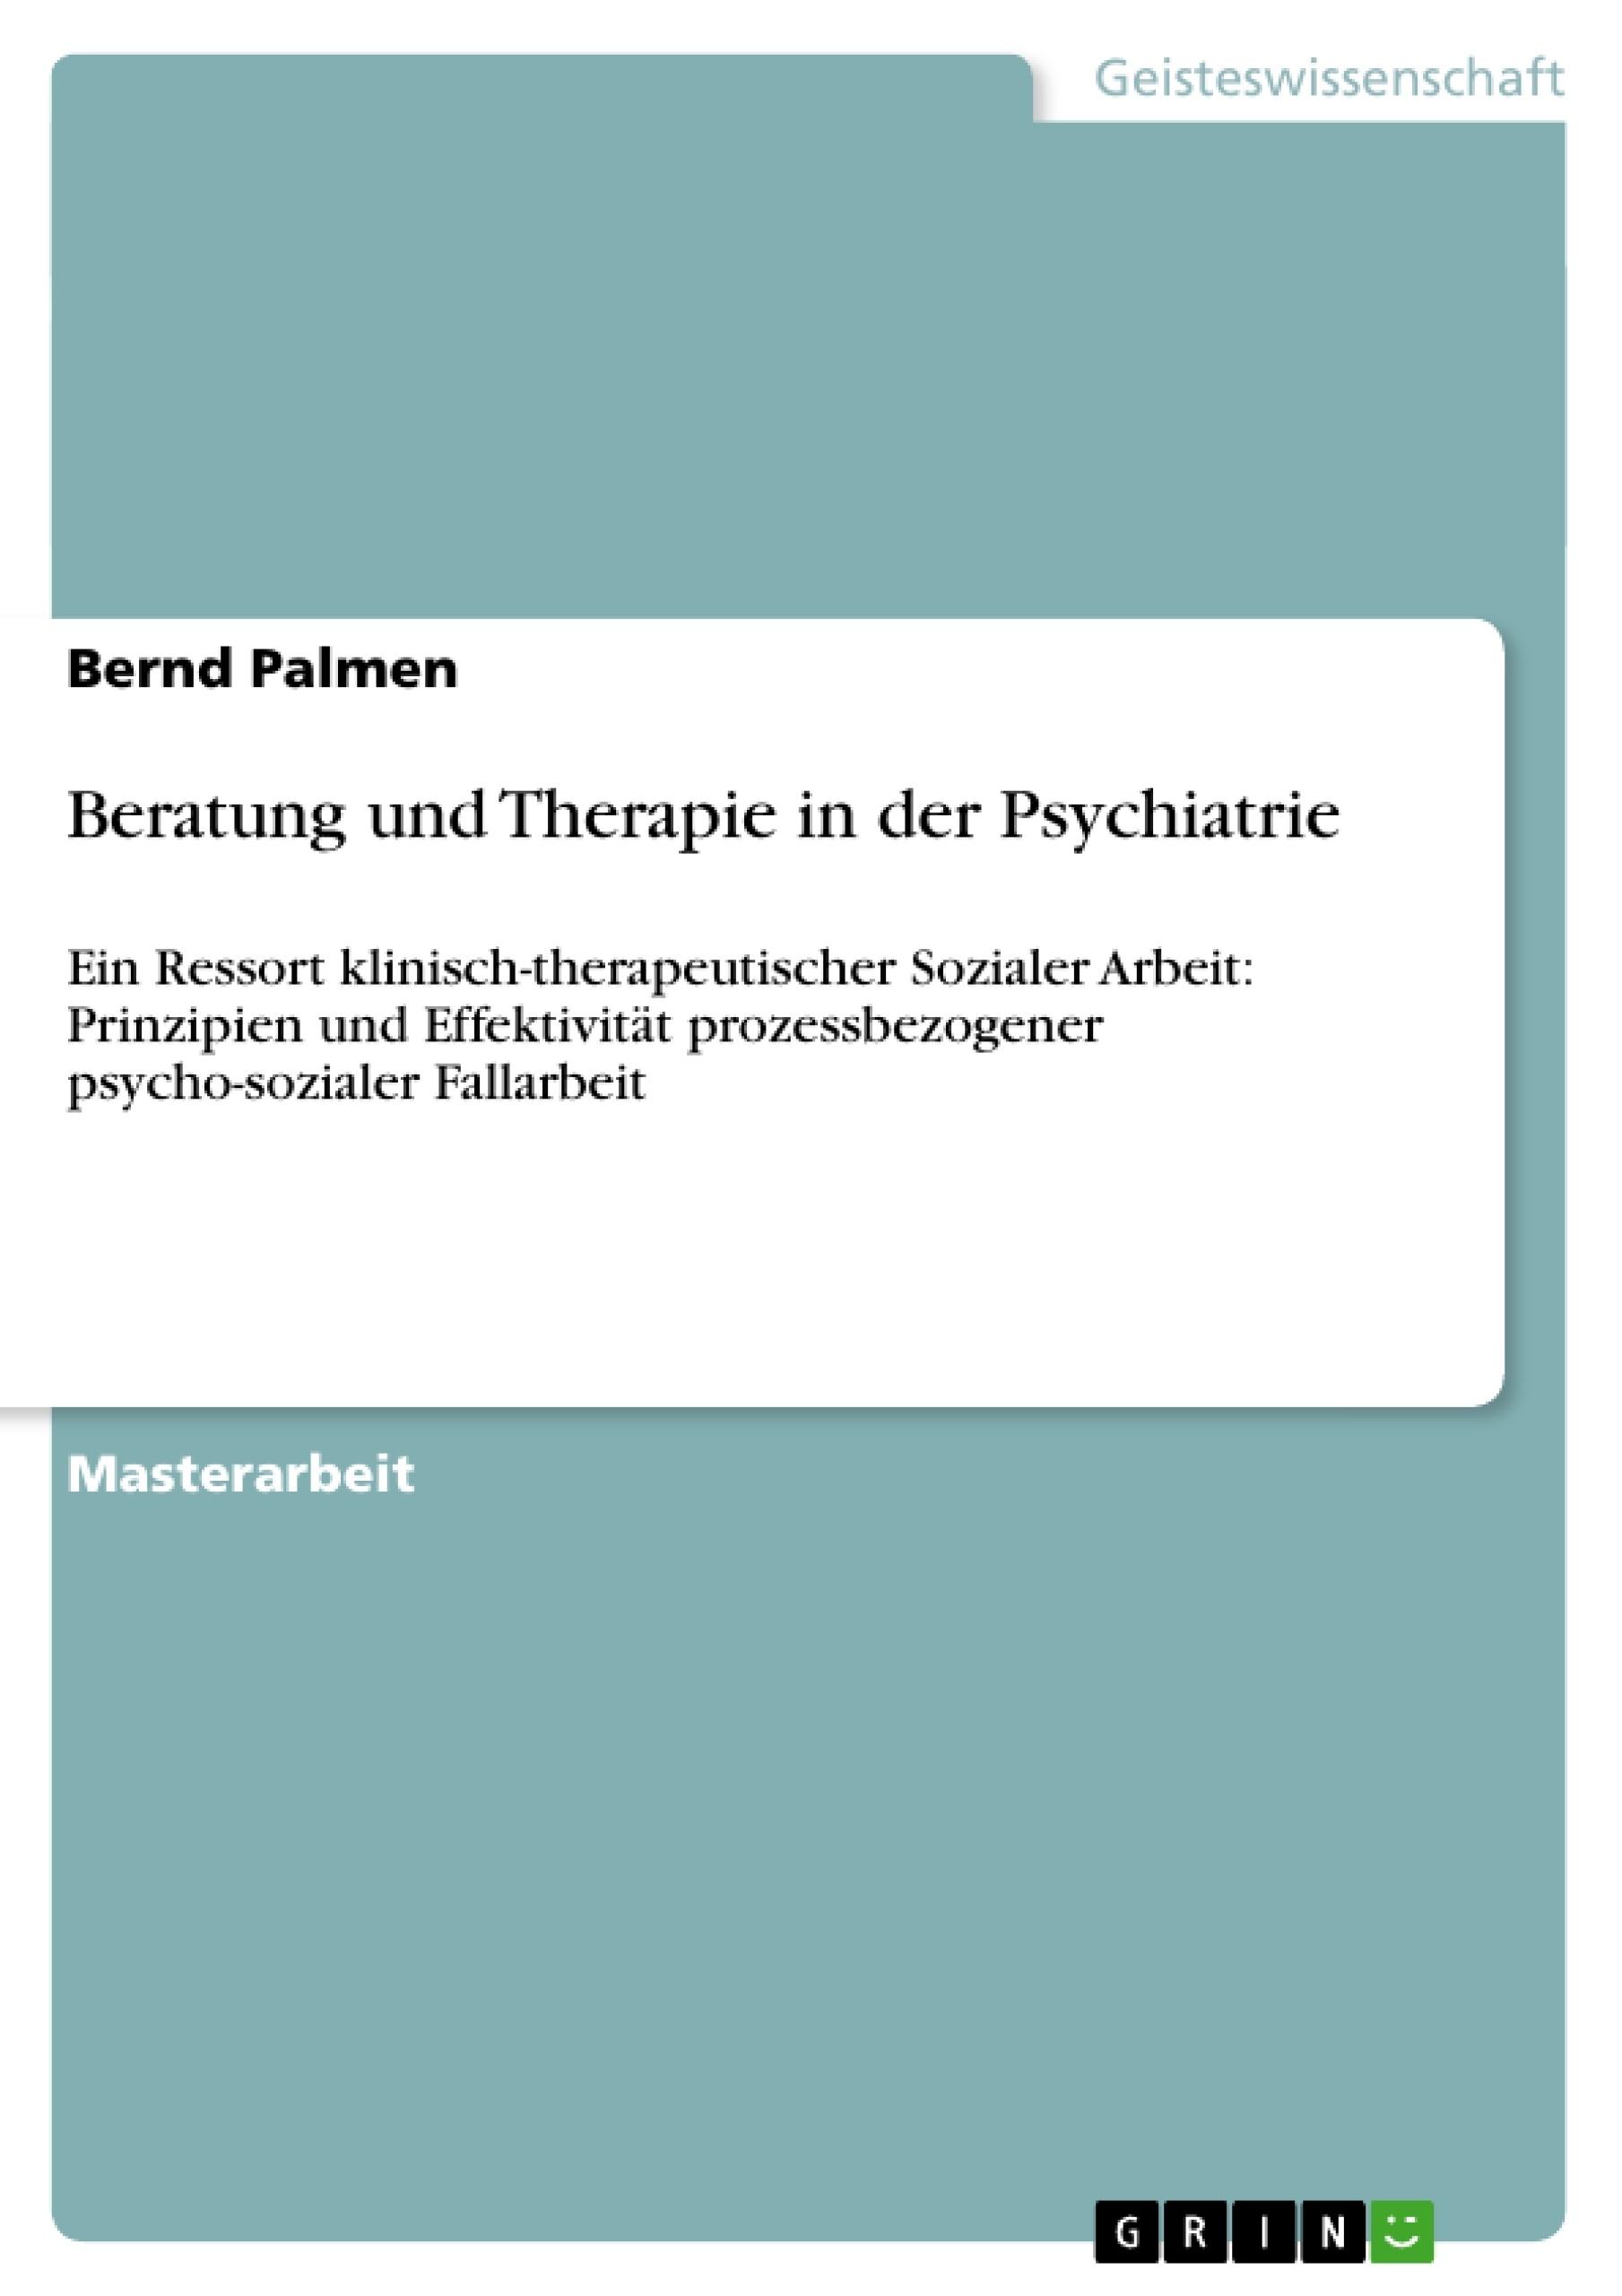 Titel: Beratung und Therapie in der Psychiatrie